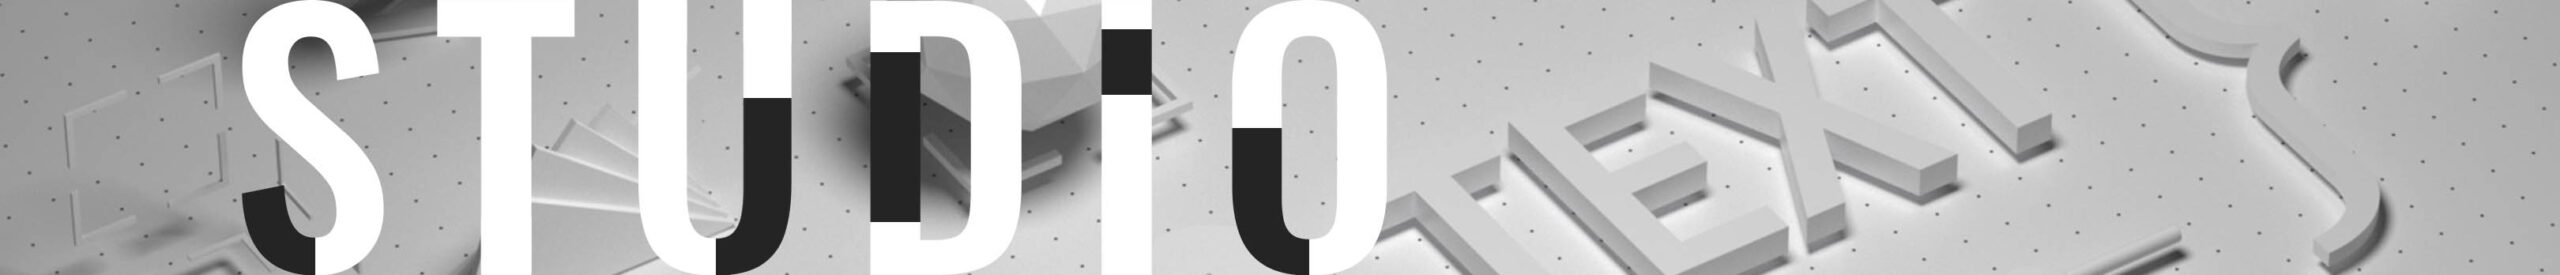 Десктопное лого 1